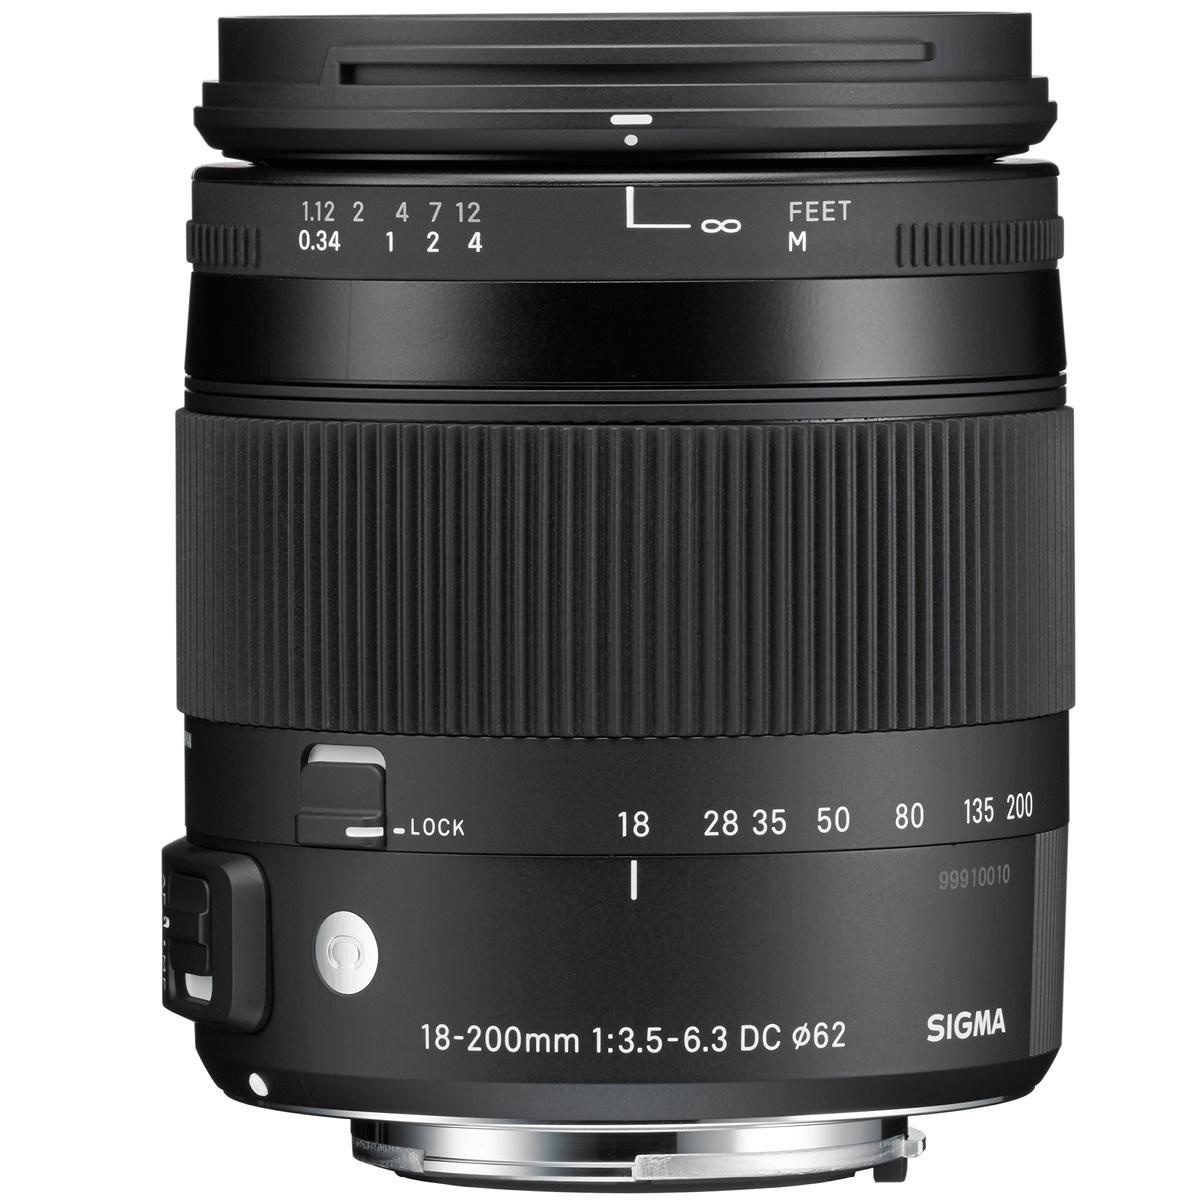 Sigma 18-200 mm 1:3,5-6,3 DC Makro OS HSM (C) EF-S